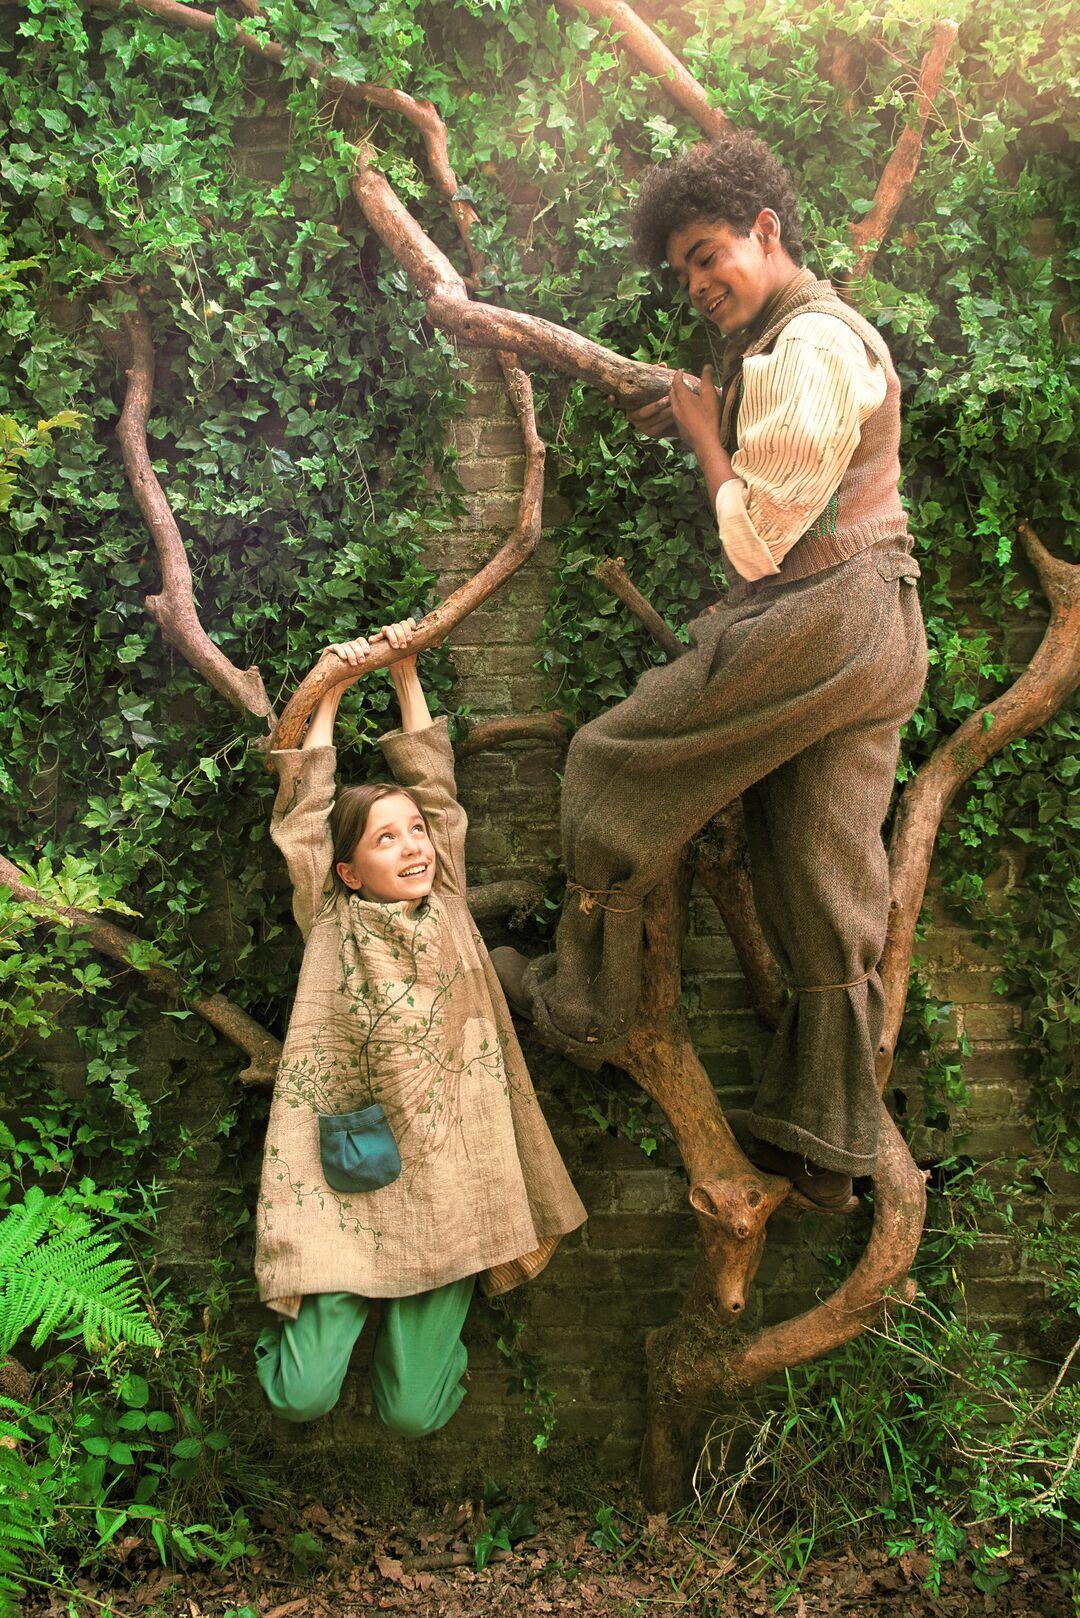 Trailer Der Geheime Garten Neuer Kino Film Der Harry Potter Macher Bild 2 Die Harry Potter Macher Bringen Geheime Garten Geheimer Garten Gartenbilder